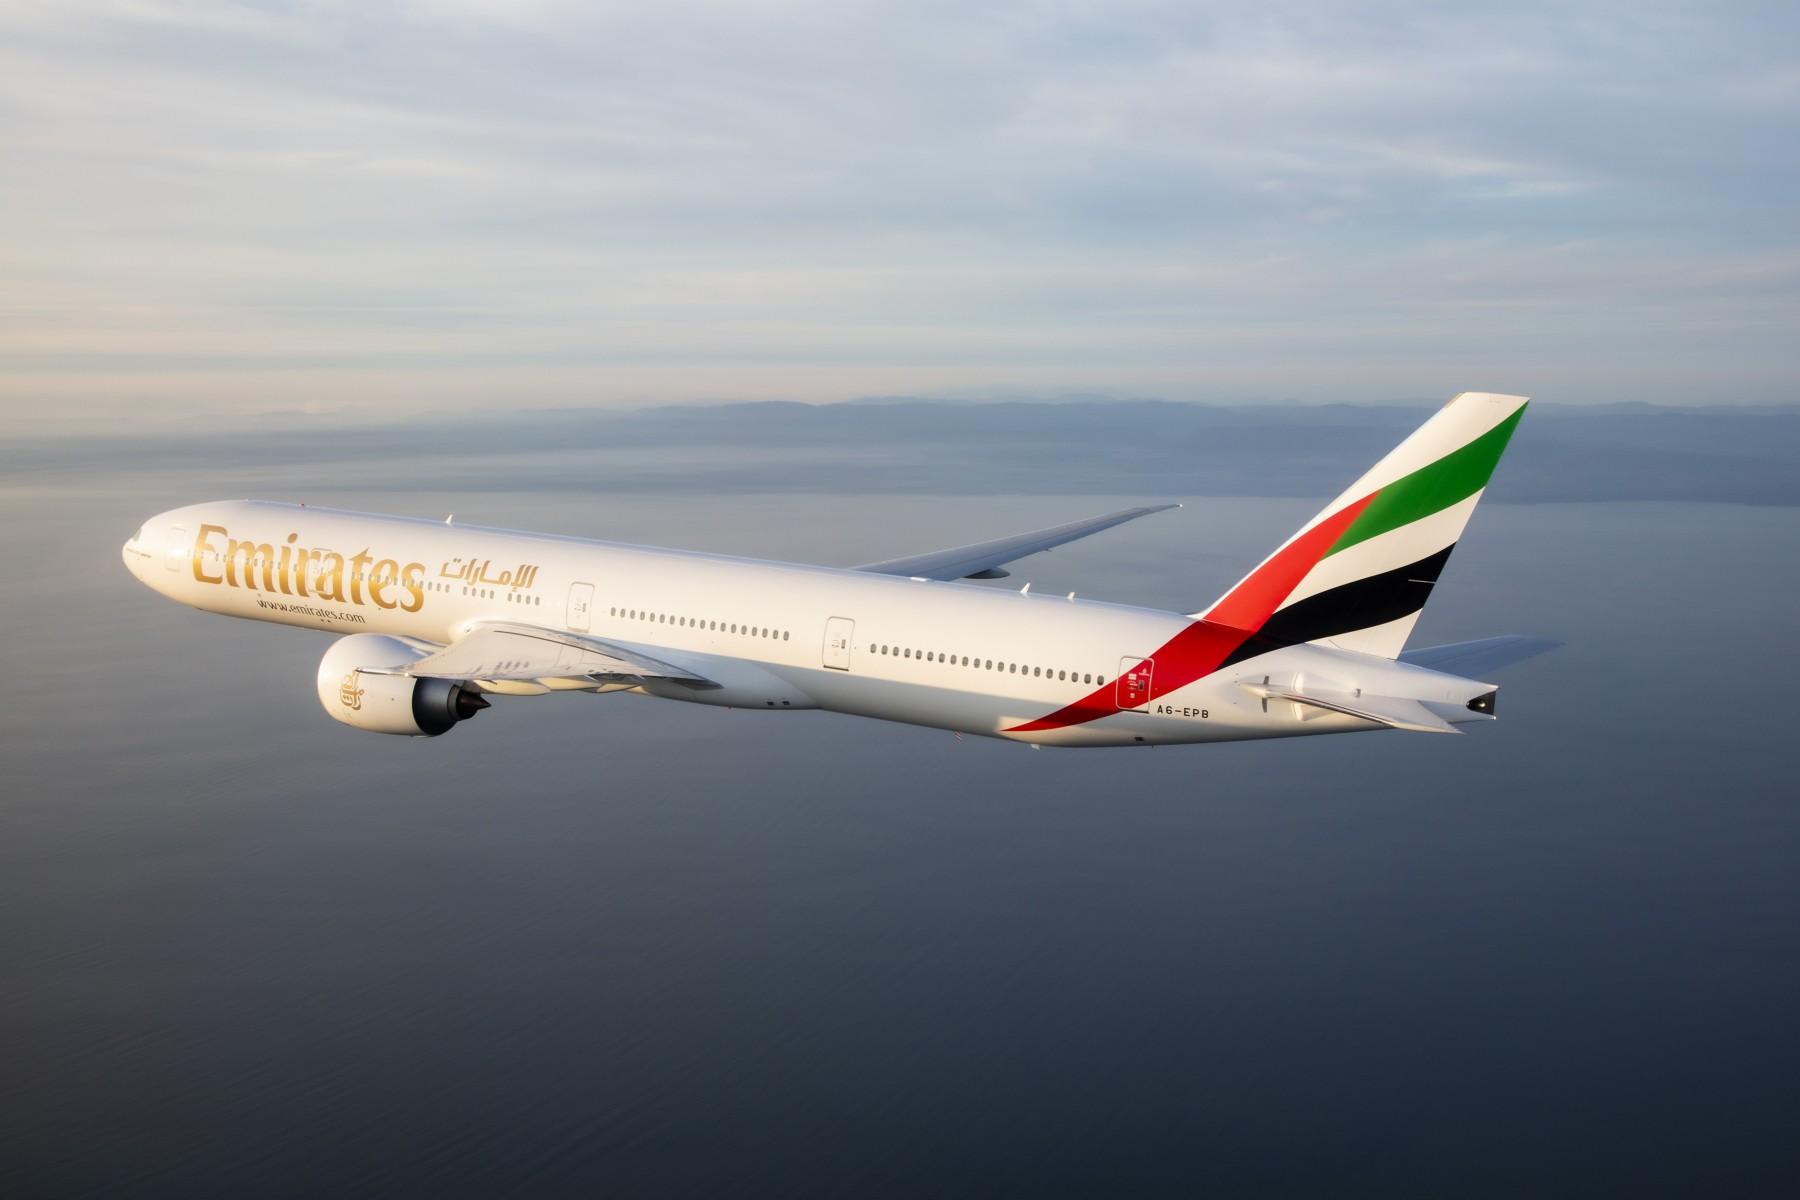 طيران الإمارات تستأنف تشغيل طائرة A380 العملاقة إلى لندن هيثرو وباريس اعتبارا من 15 يوليو